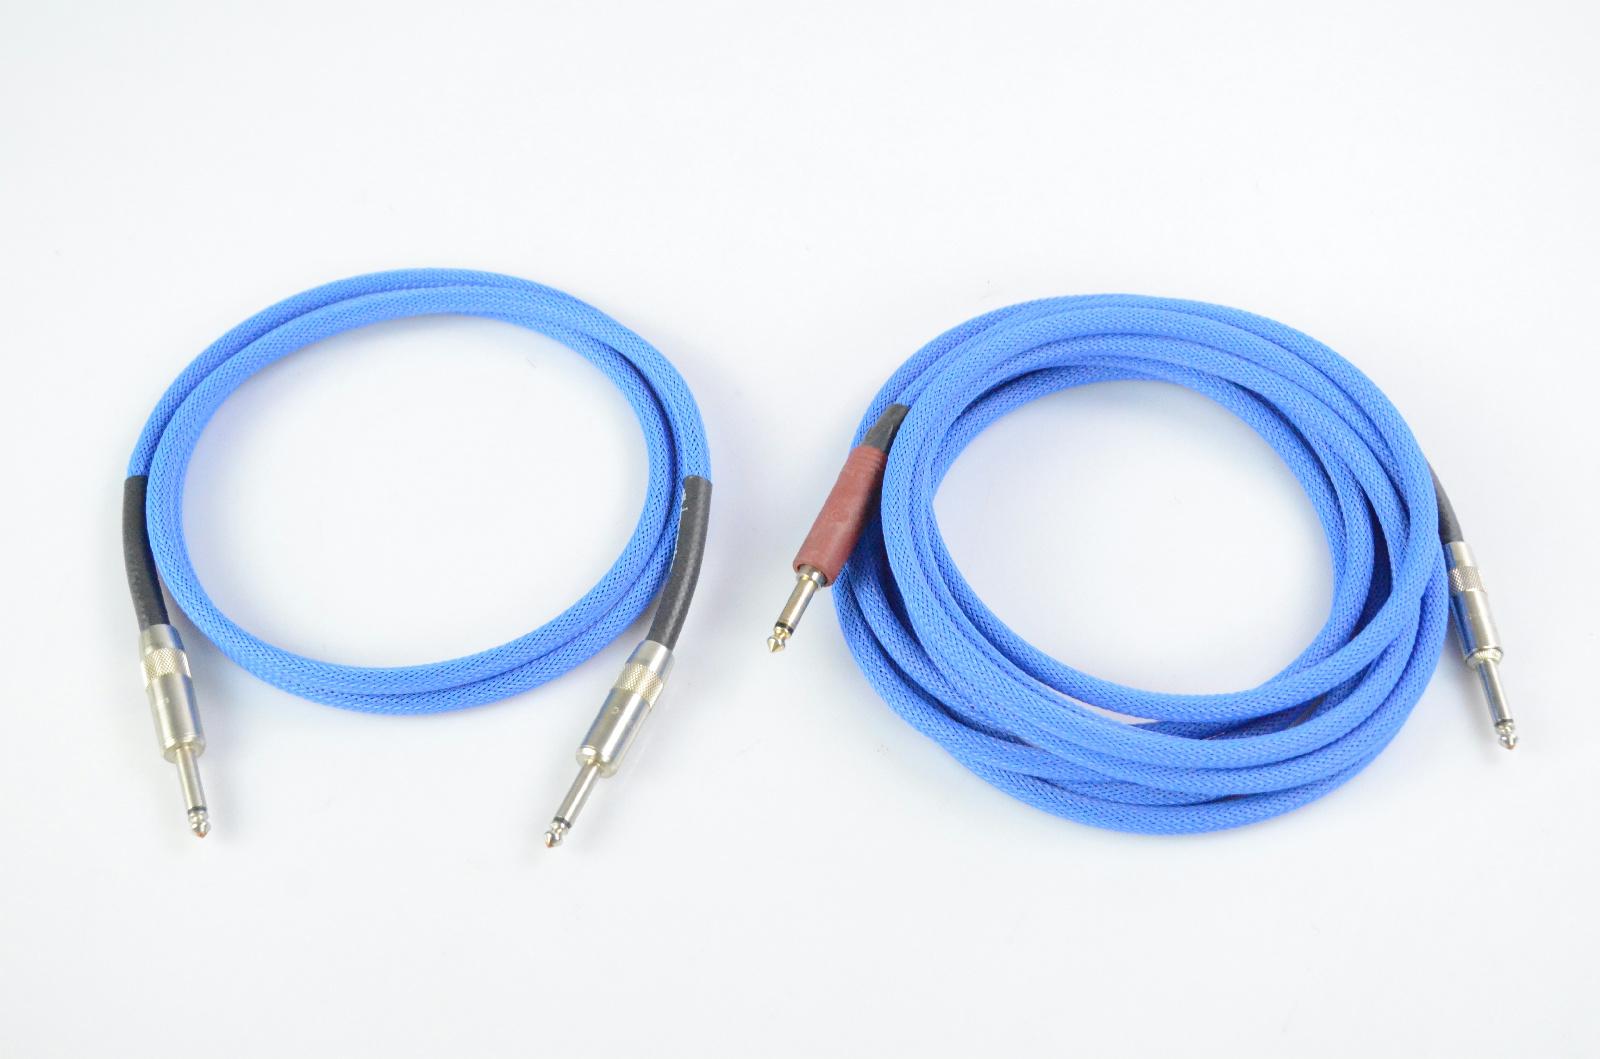 2 Divine Noise Tech Flex 5'-15' Instrument Cables Owned by Kato Khandwala #33864